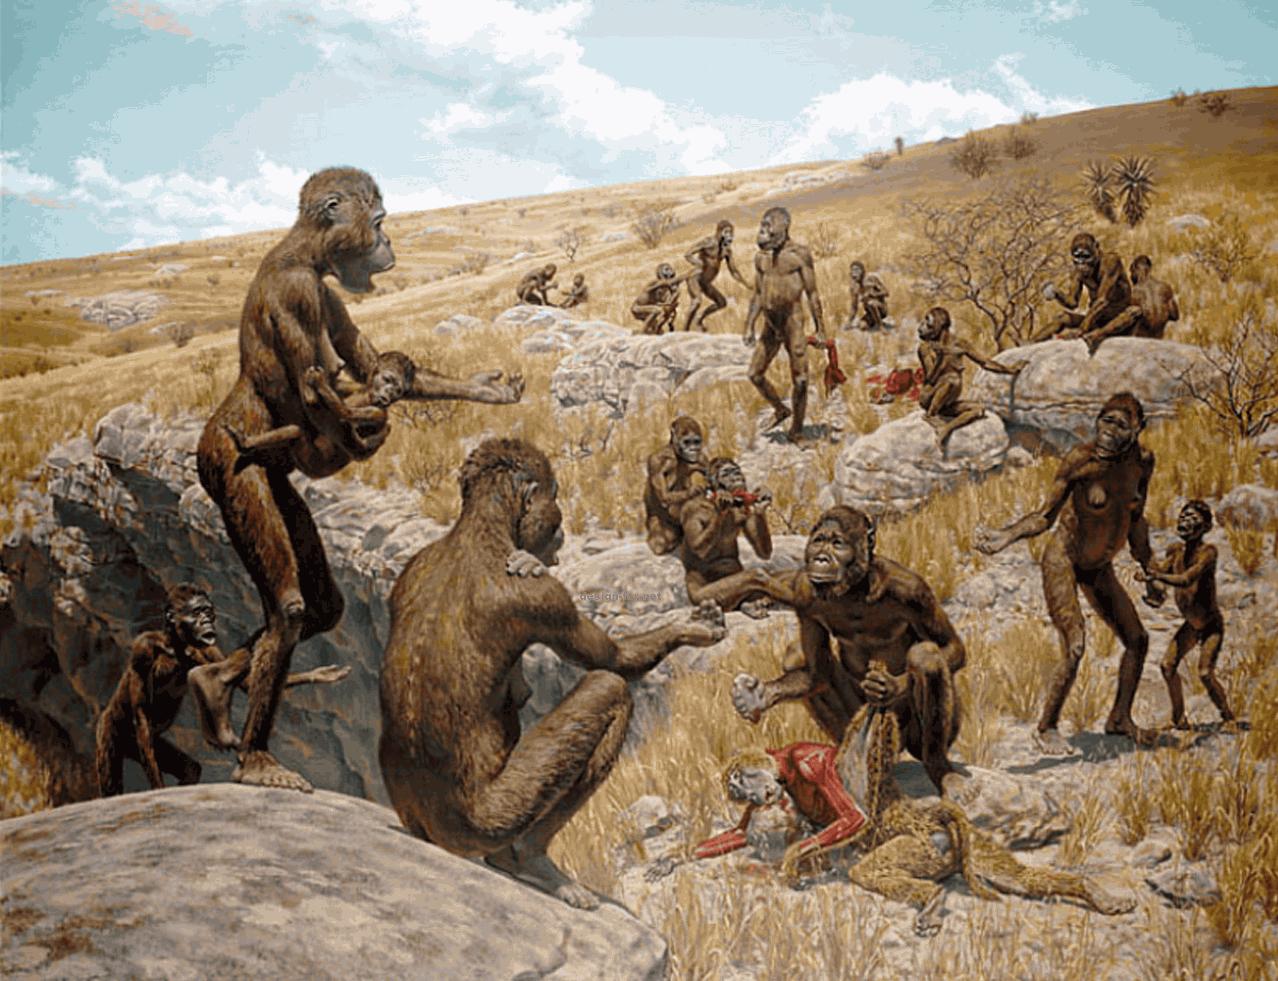 Настоящие австралопитеки: Африканские равнины 4 миллиона лет назад